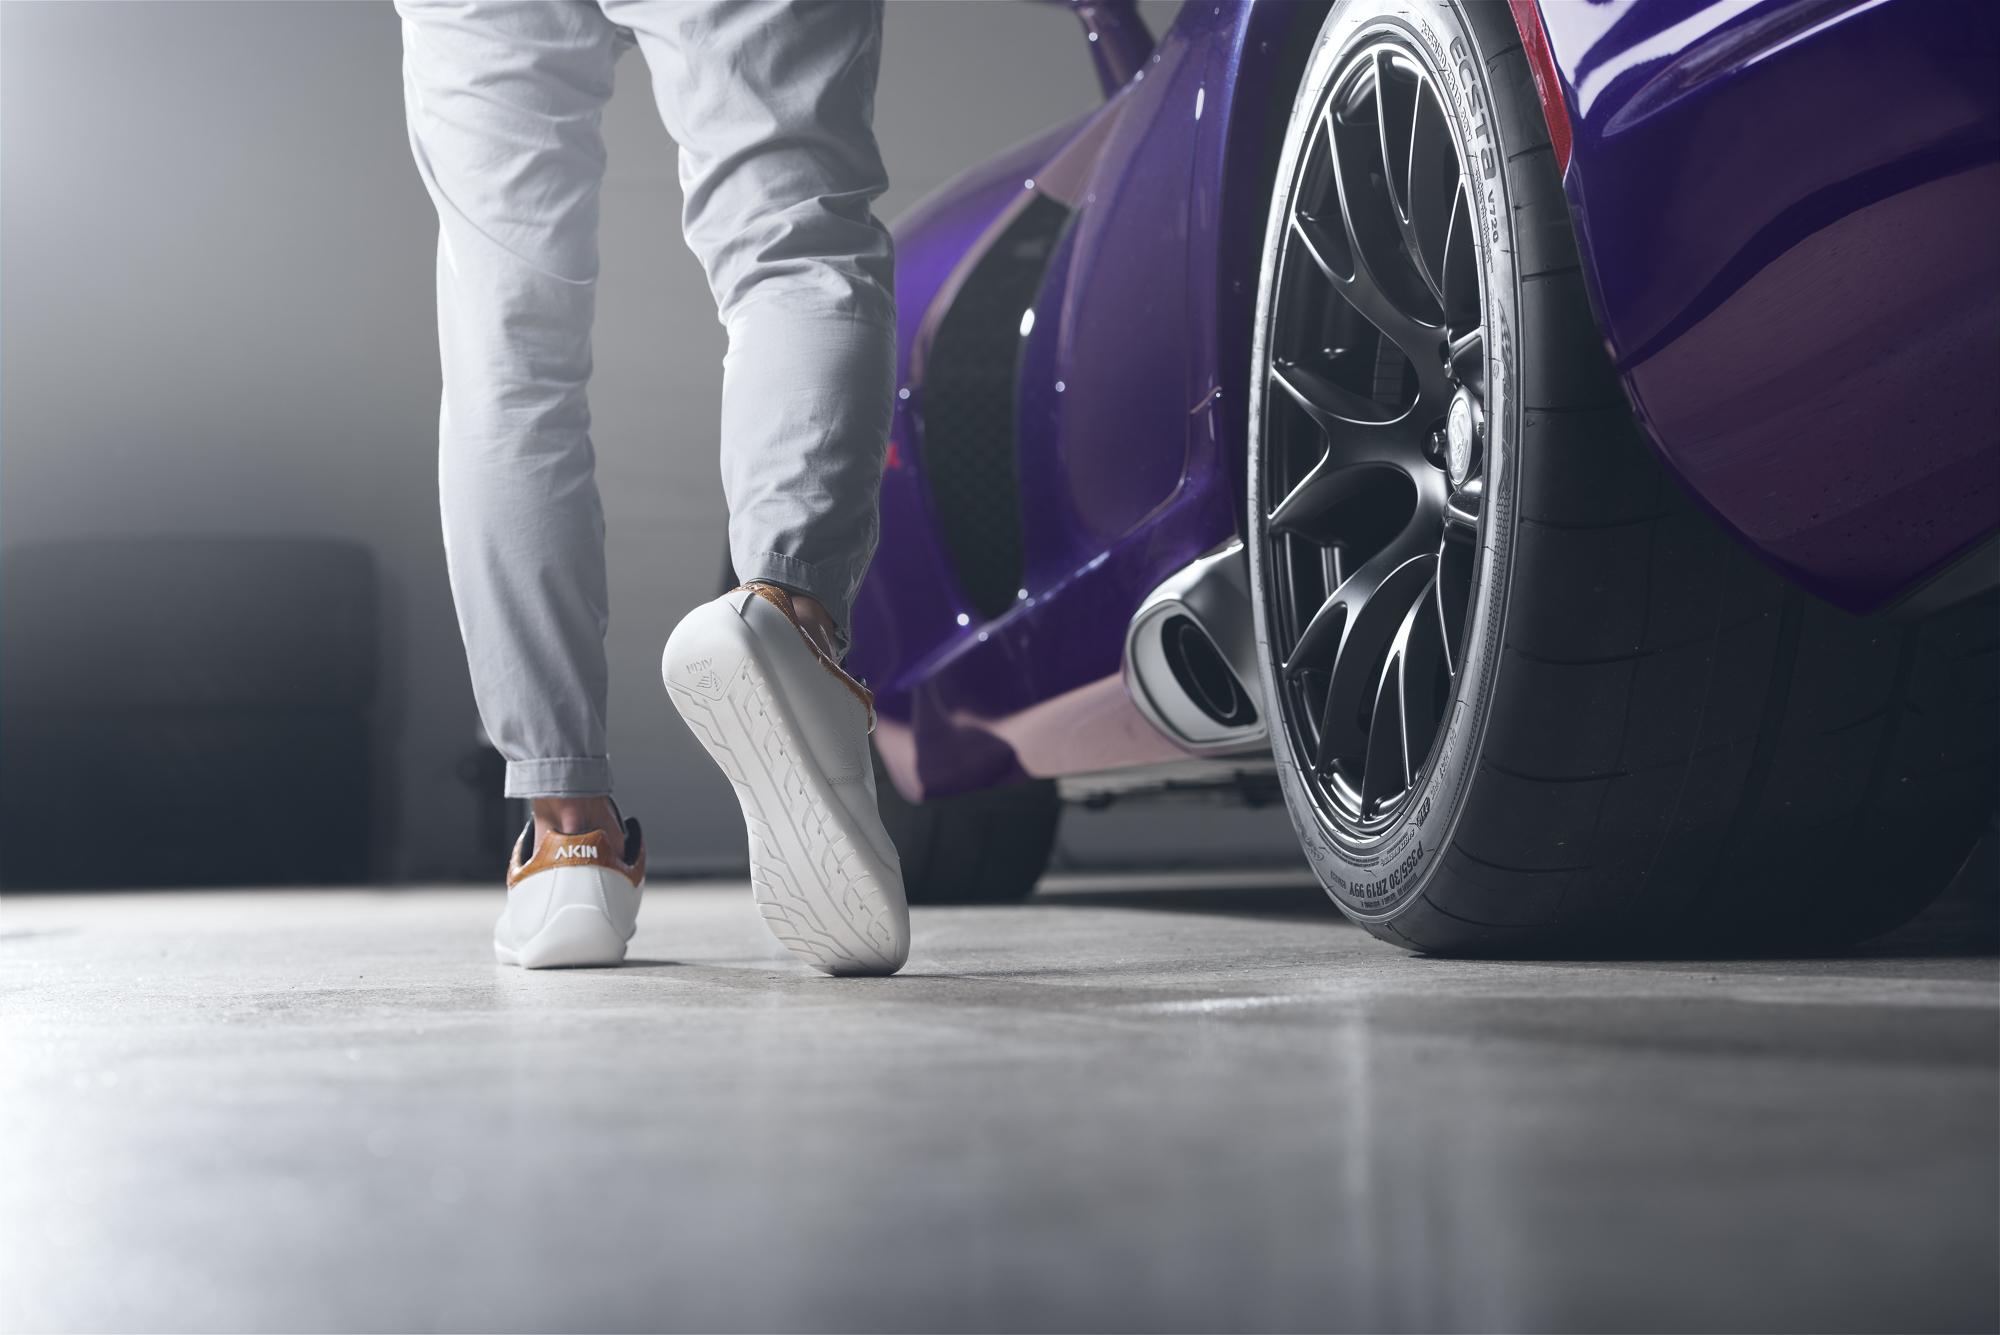 AKIN Shoes